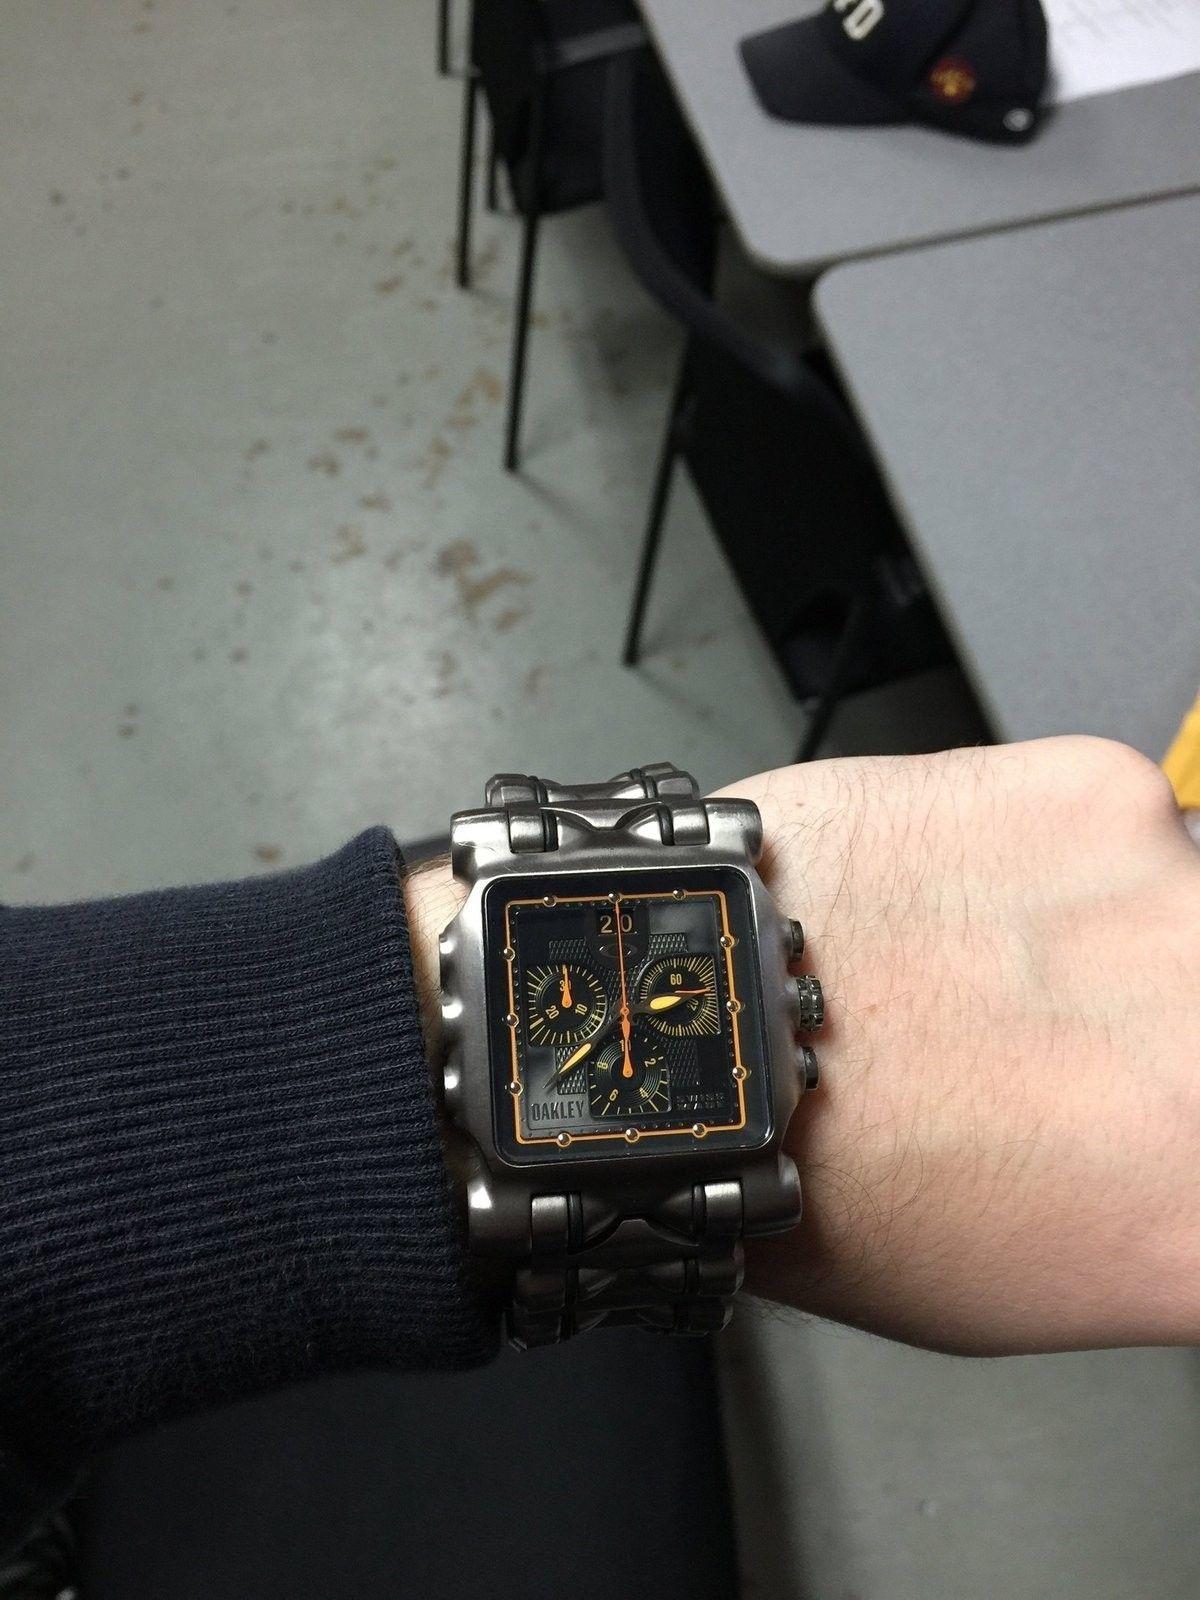 Thanks to Oakleykid69 I got my first Oakley watch (Minute Machine) - image.jpg